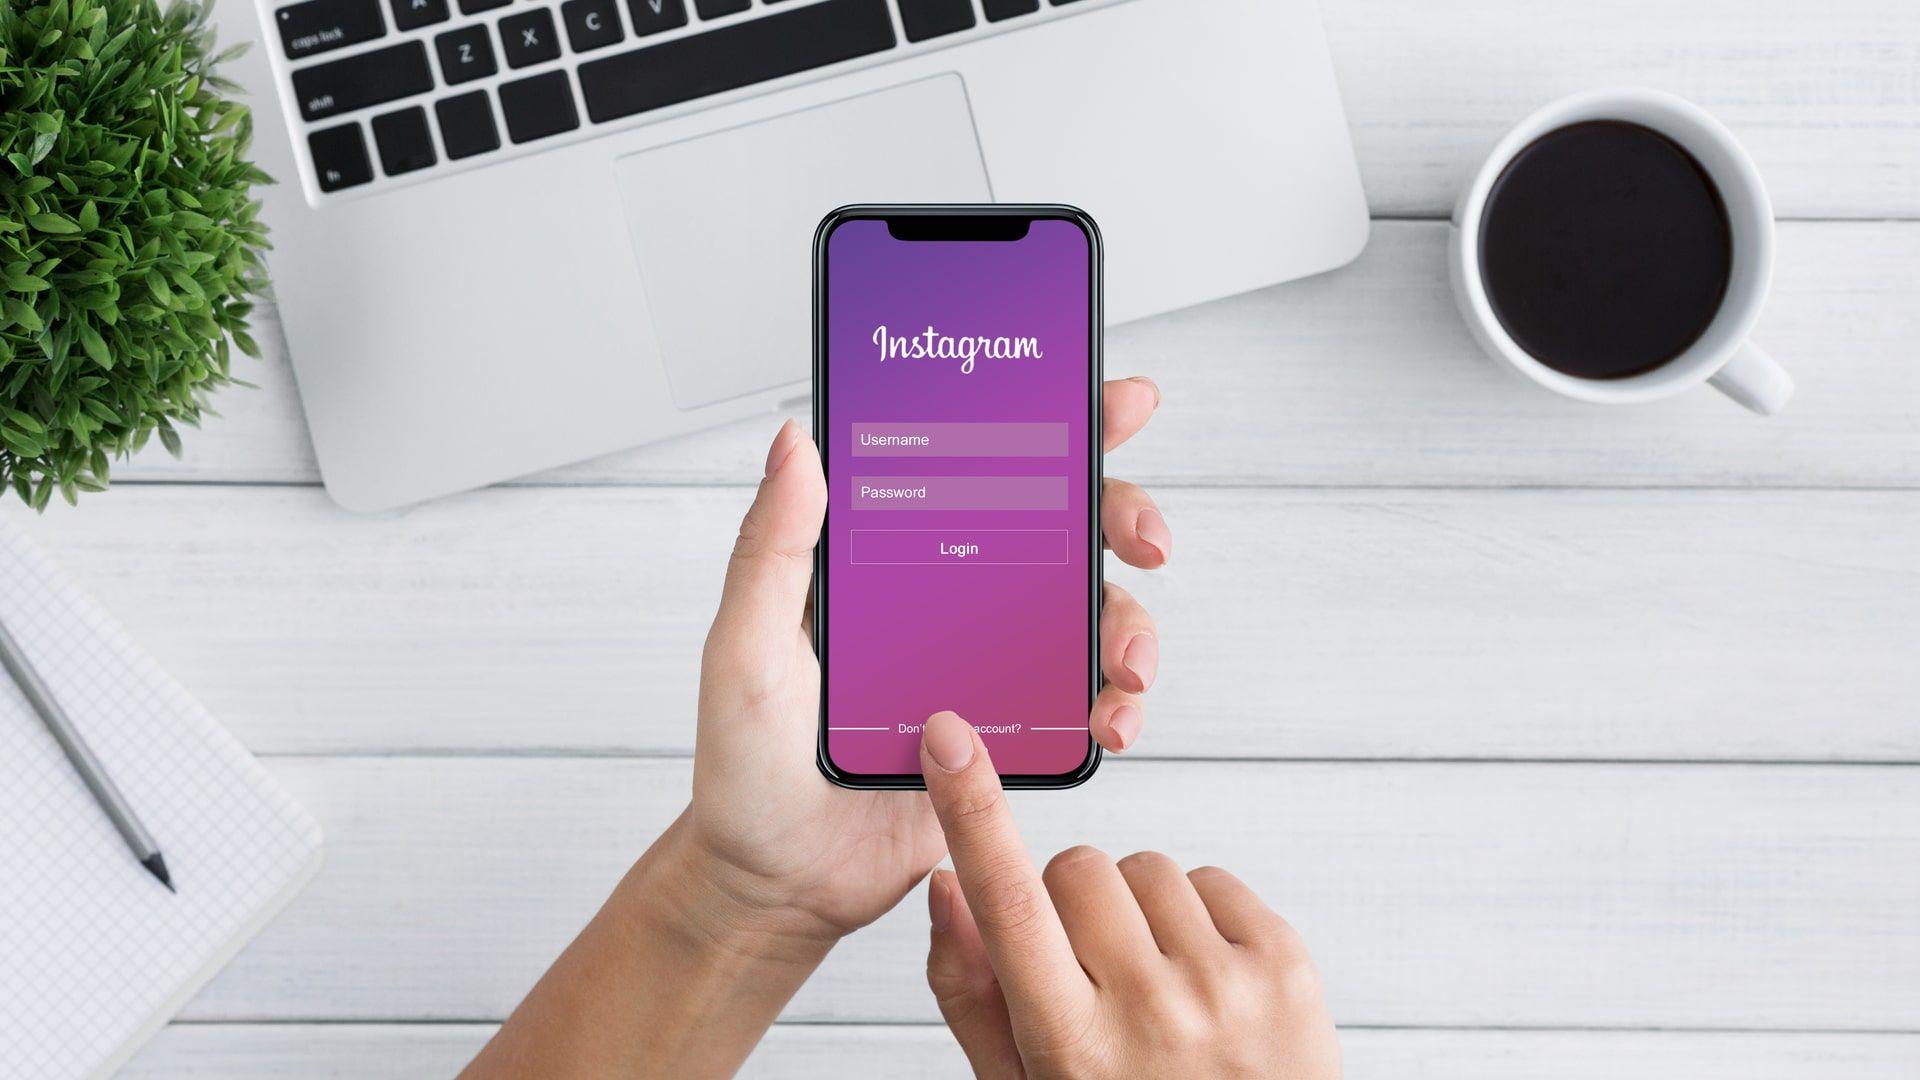 Ter um feed com fotos bonitas ajuda a ganhar seguidores no Instagram (Foto: Shutterstock)